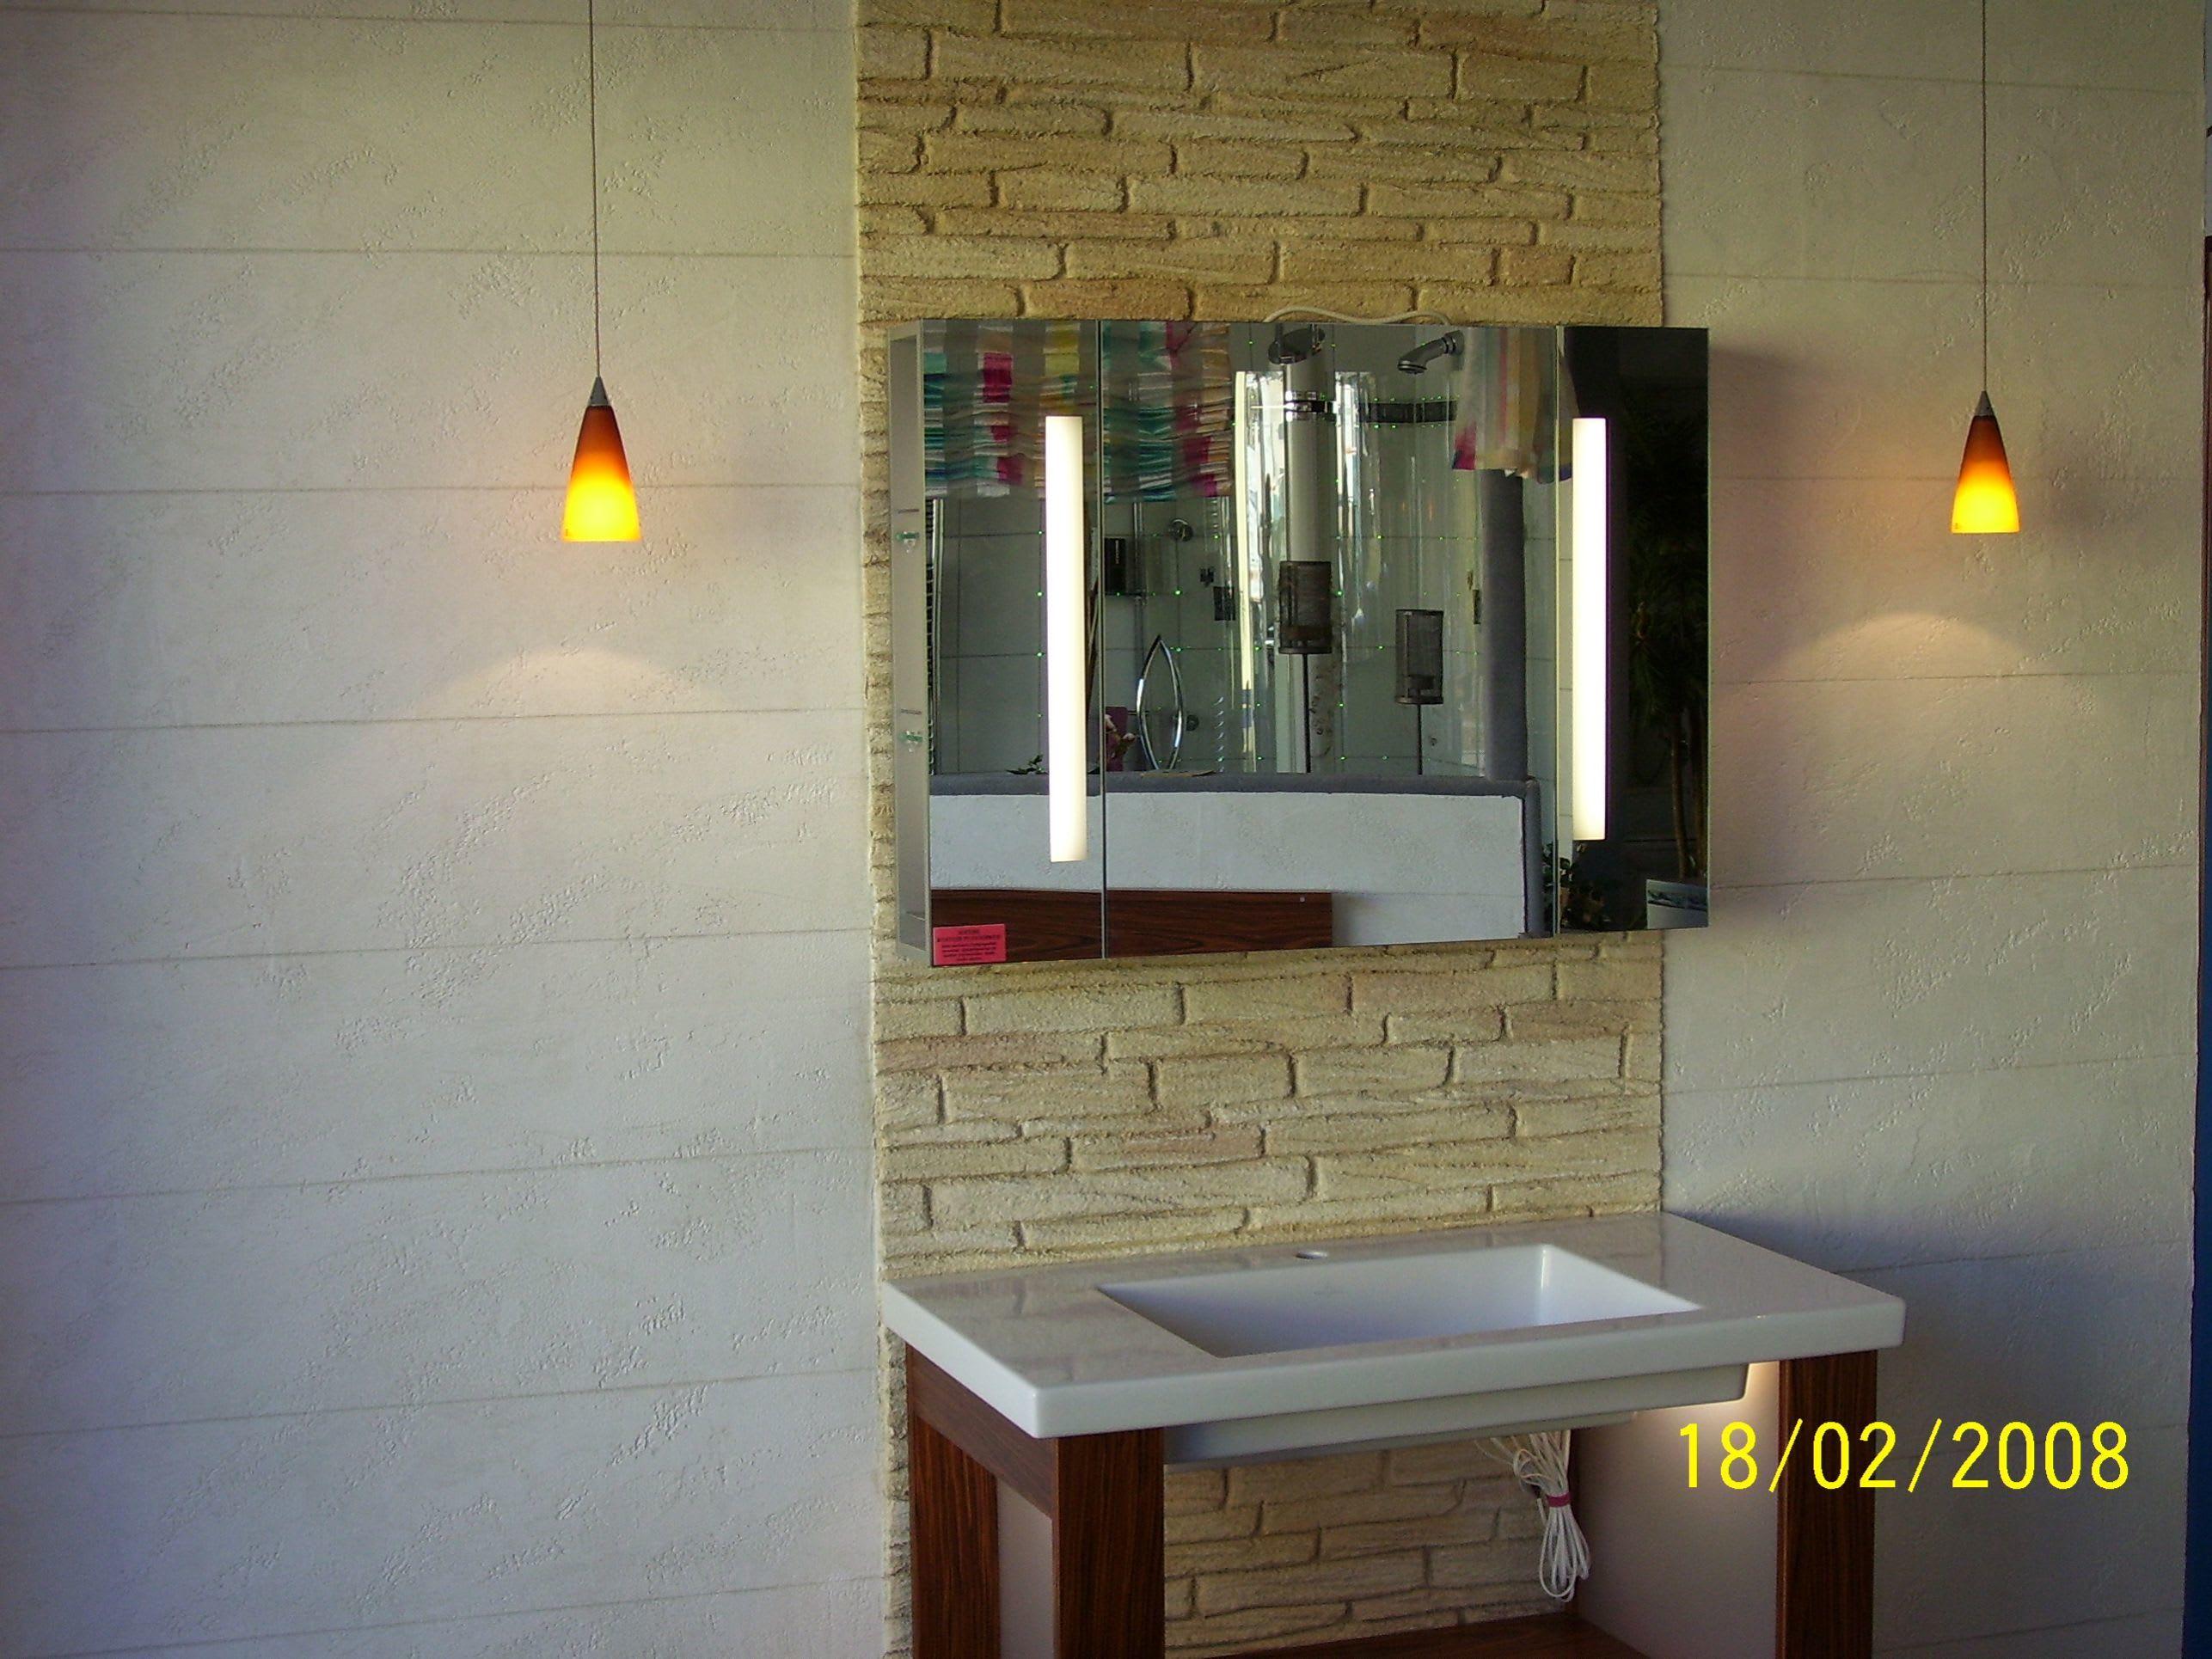 Steinimitation Badezimmer mit Steinwand